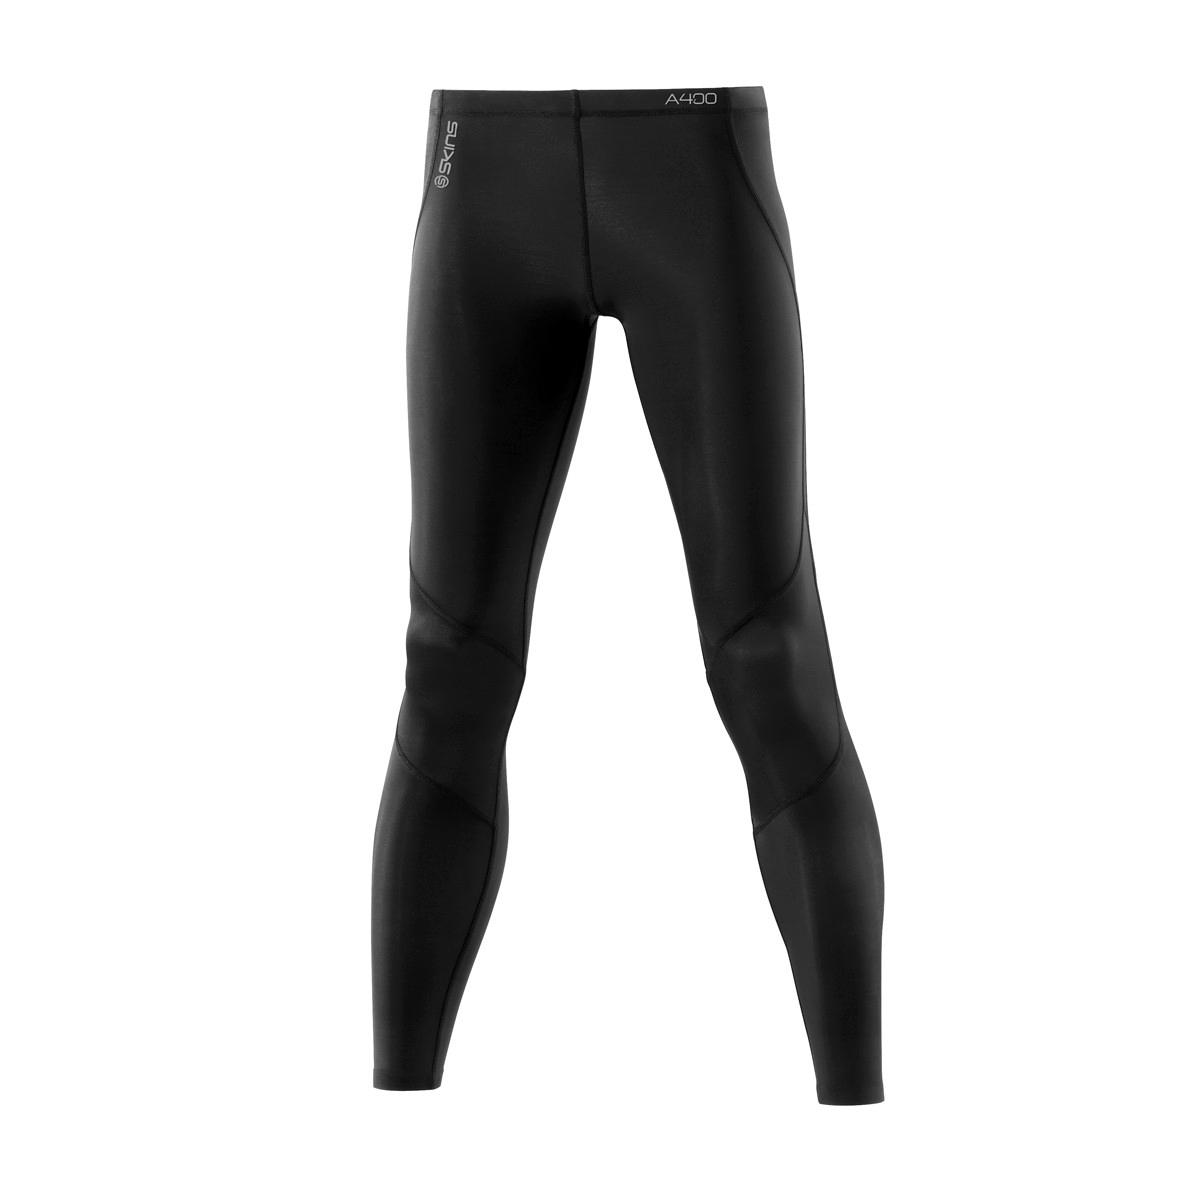 Dámske dlhé kompresné nohavice Skins A400